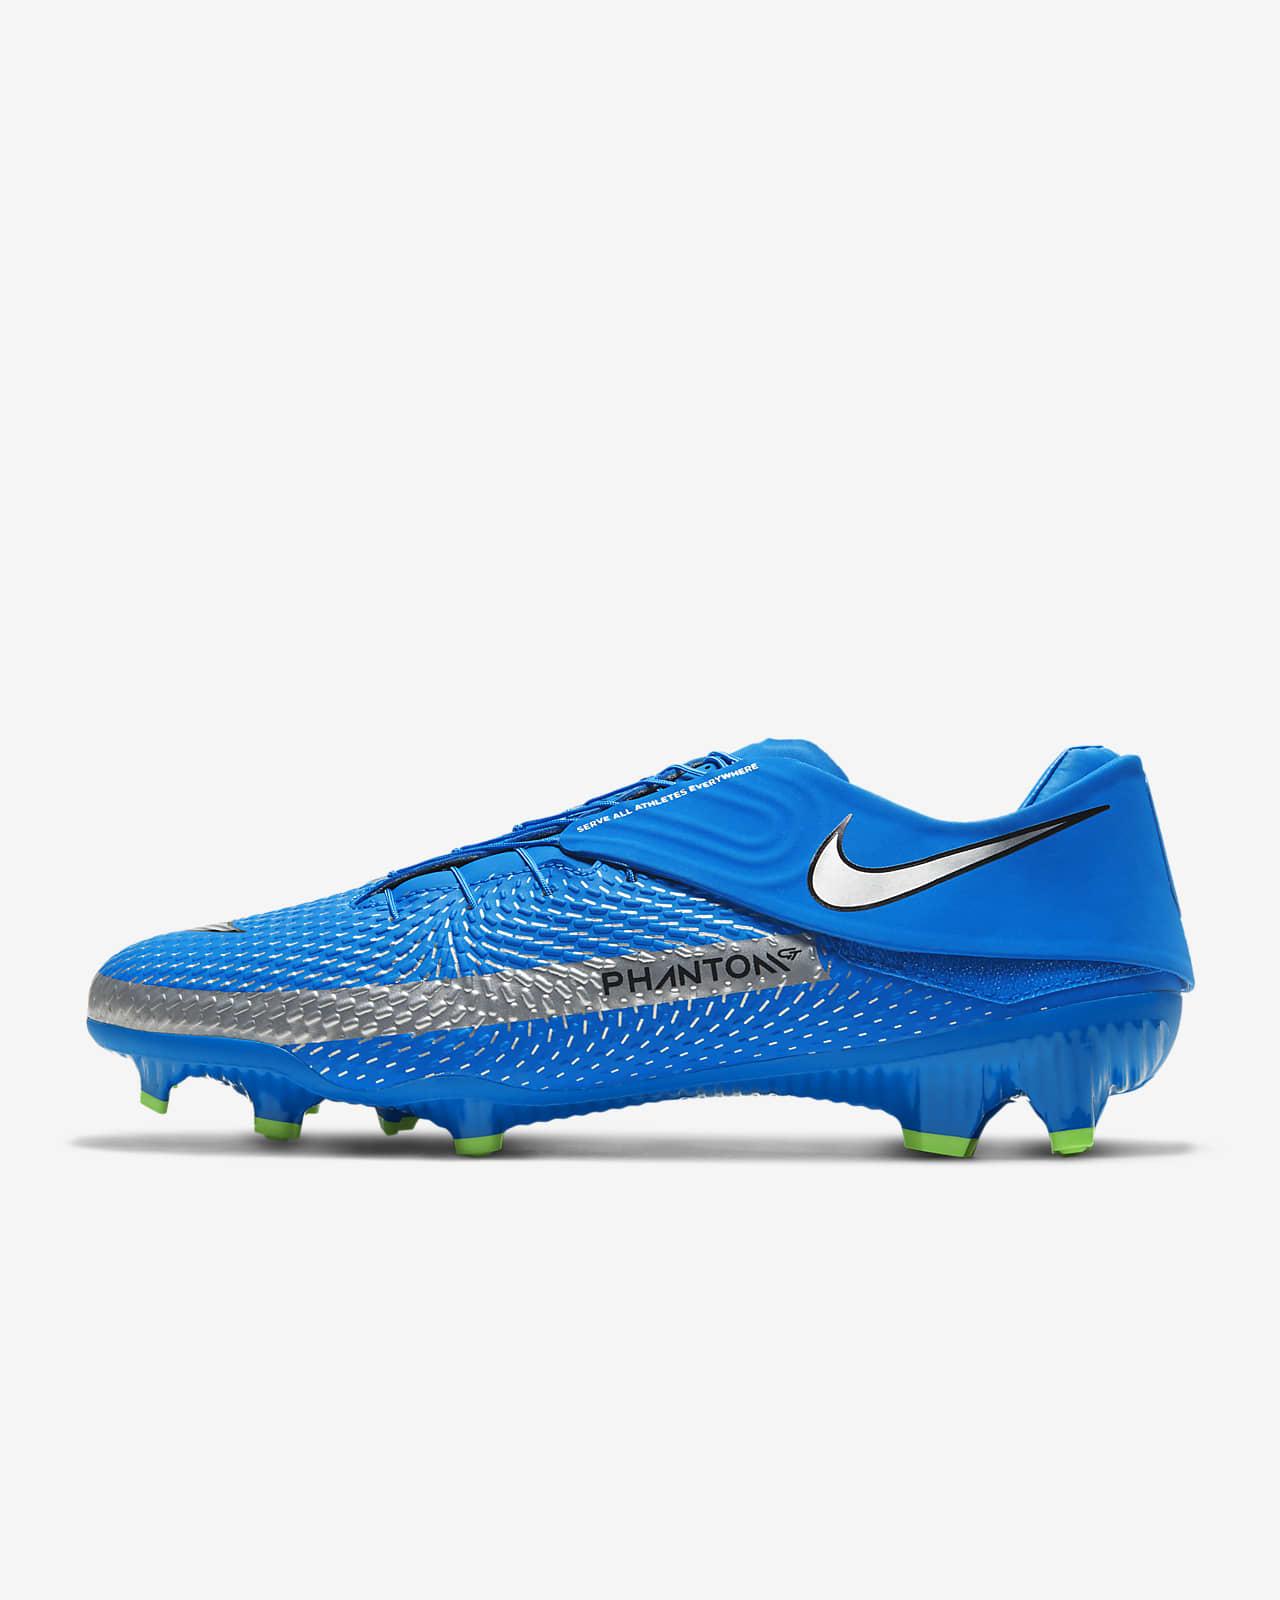 Nike Phantom GT Academy FlyEase MG többféle talajra készült futballcipő